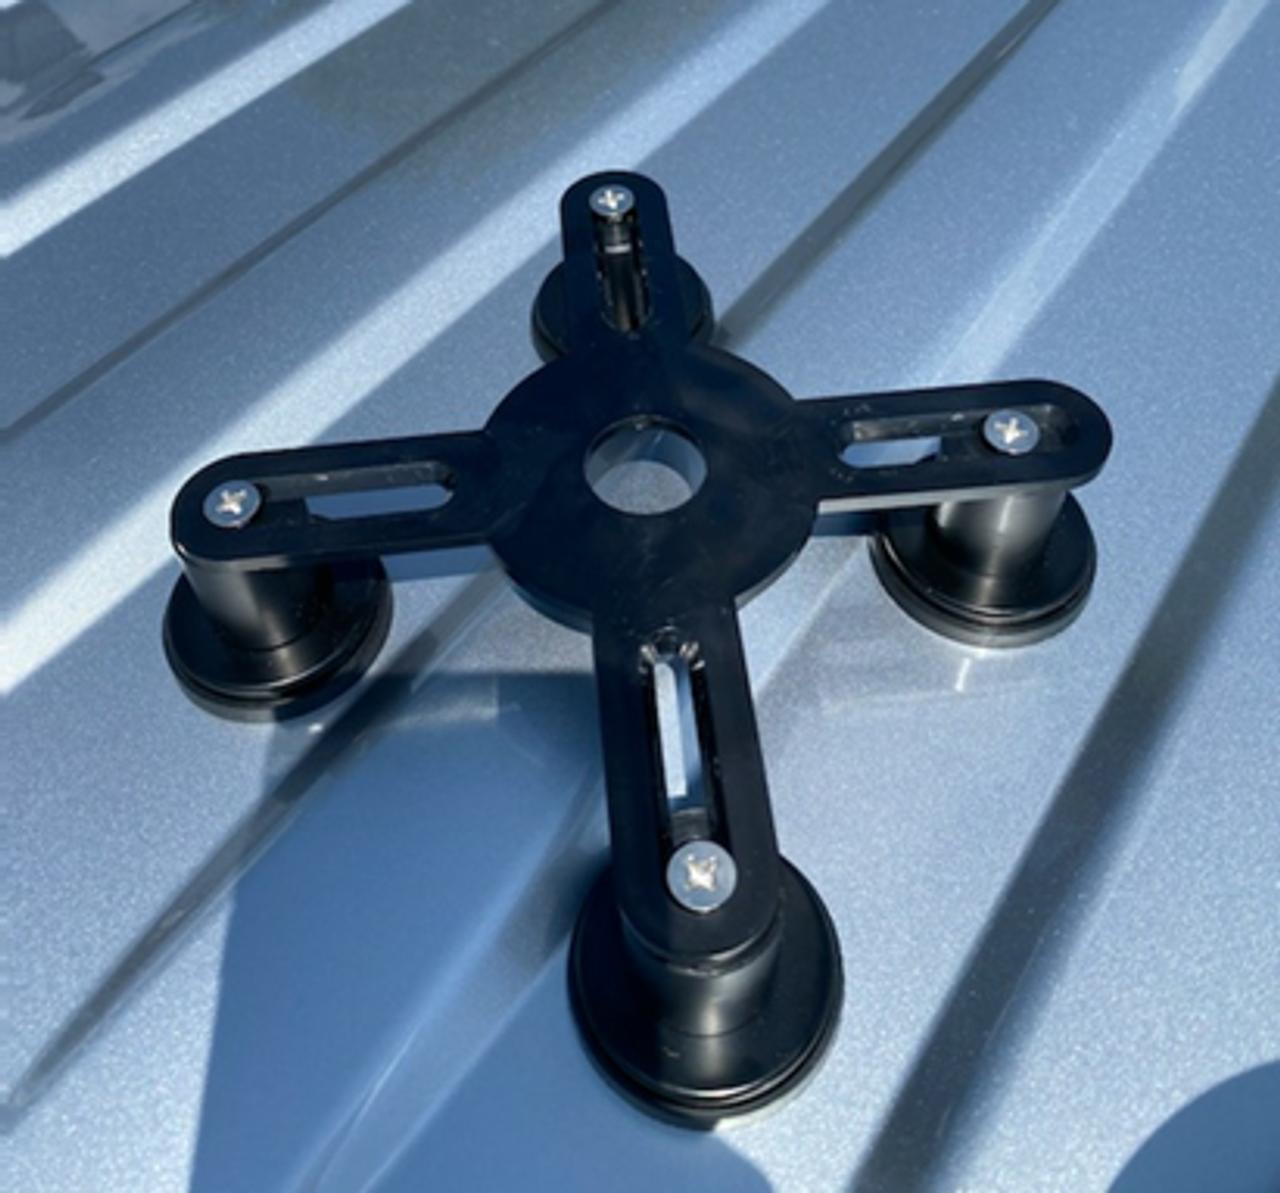 Rugged Adjustable M-Lander Vehicle Roof Mount